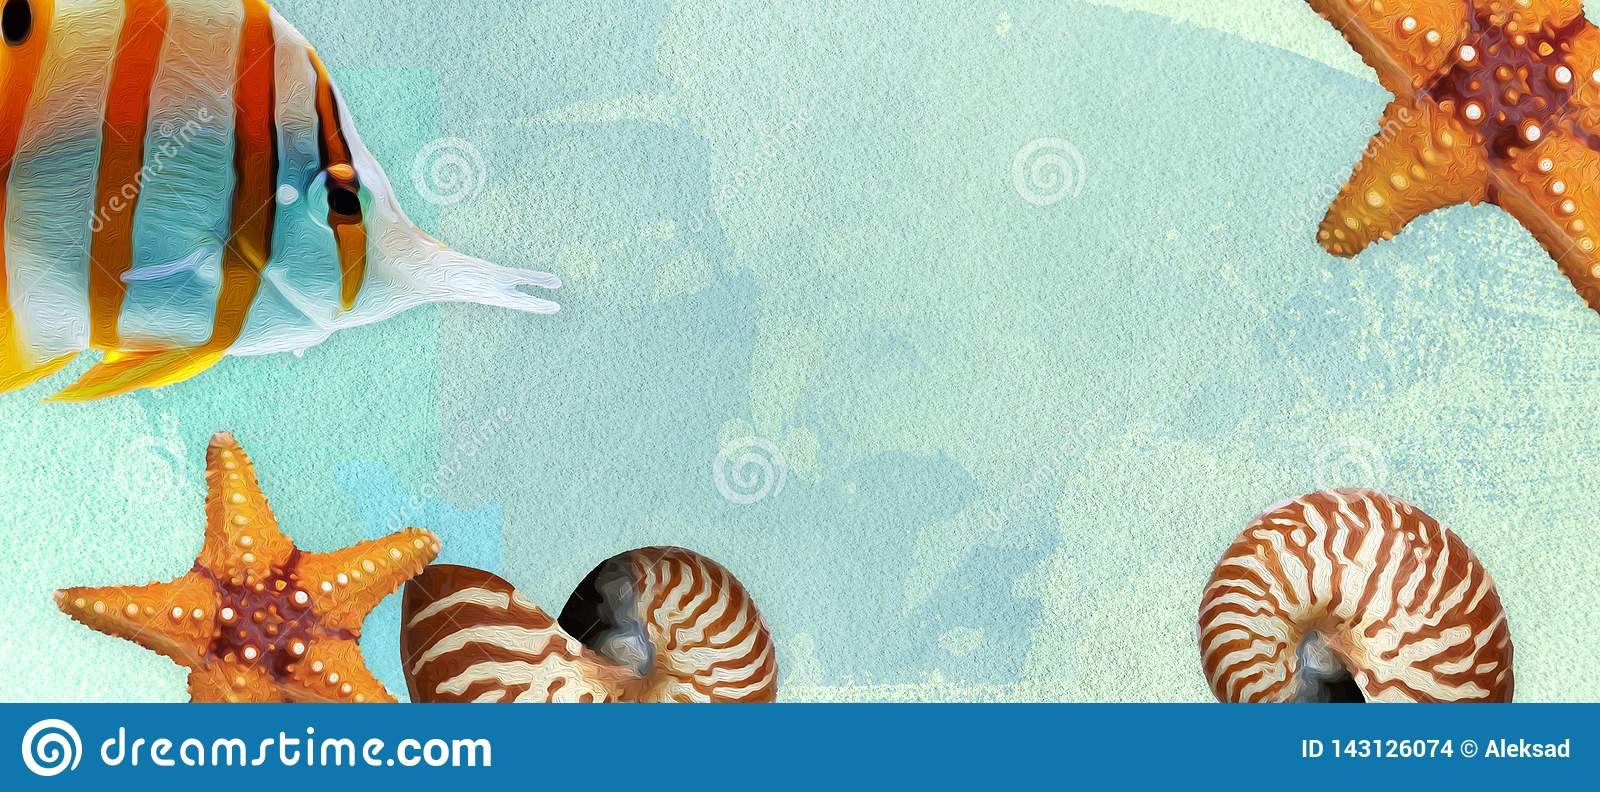 Sommerfahne mit ?lfarbe- und Aquarellb?rsten Muschel, Starfish und Fische auf einem Marinehintergrund mit Textraum